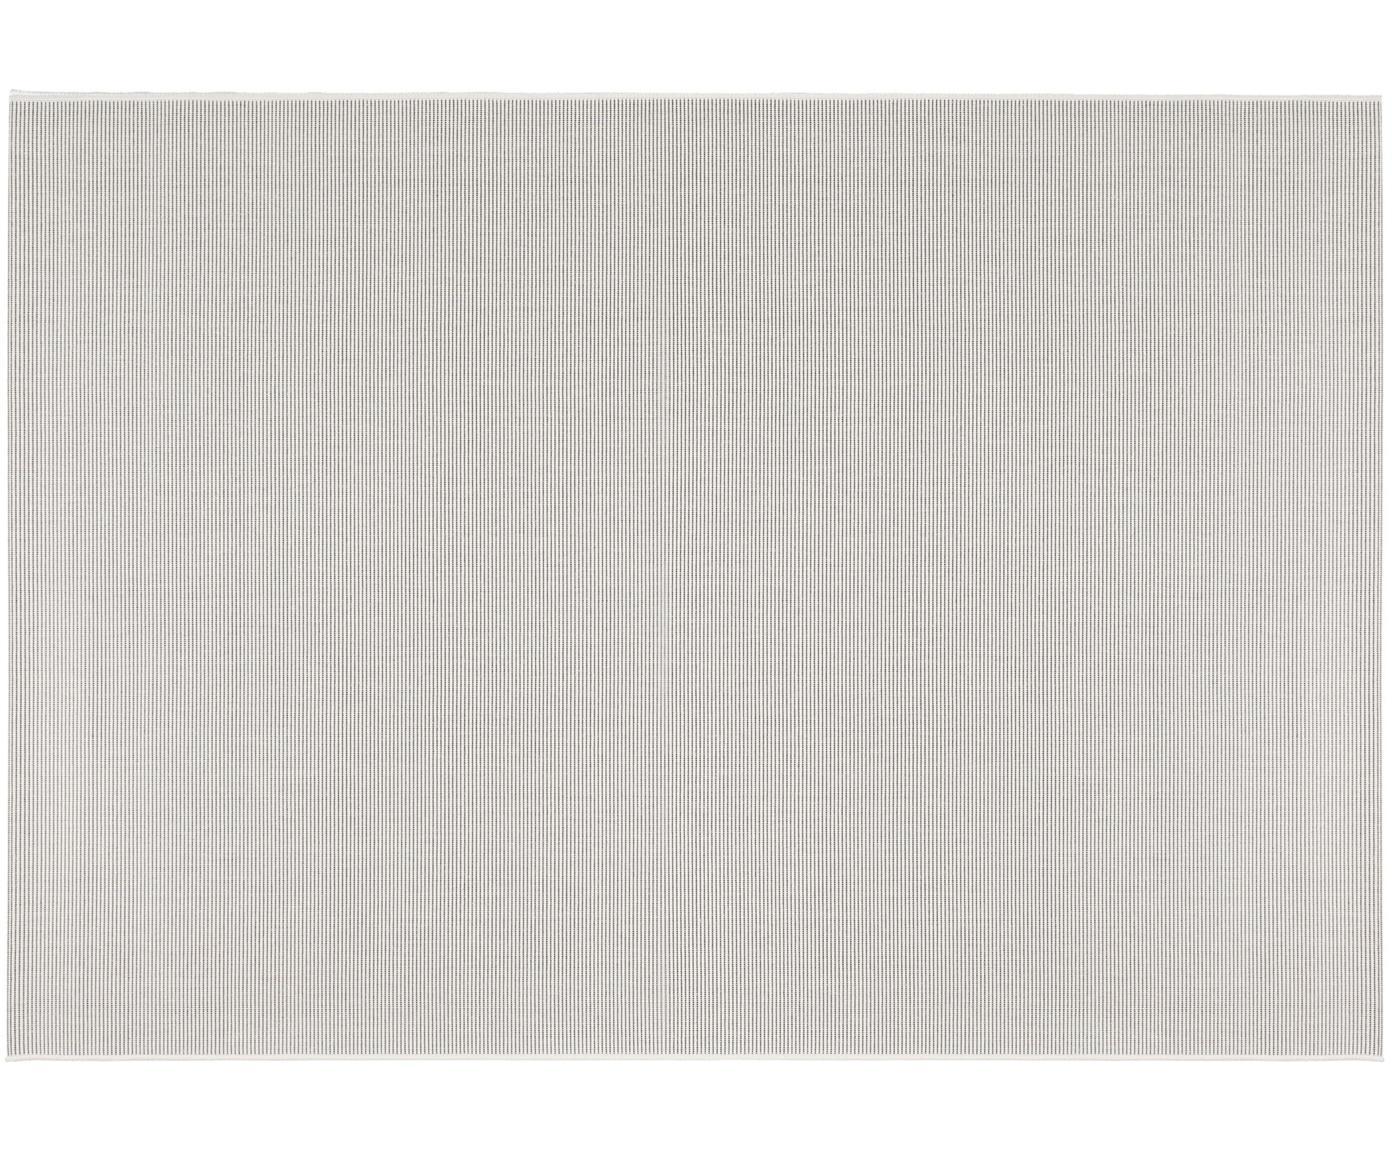 Alfombra de interior/exterior Metro, Polipropileno, Blanco crudo, An 80 x L 150 cm (Tamaño XS)